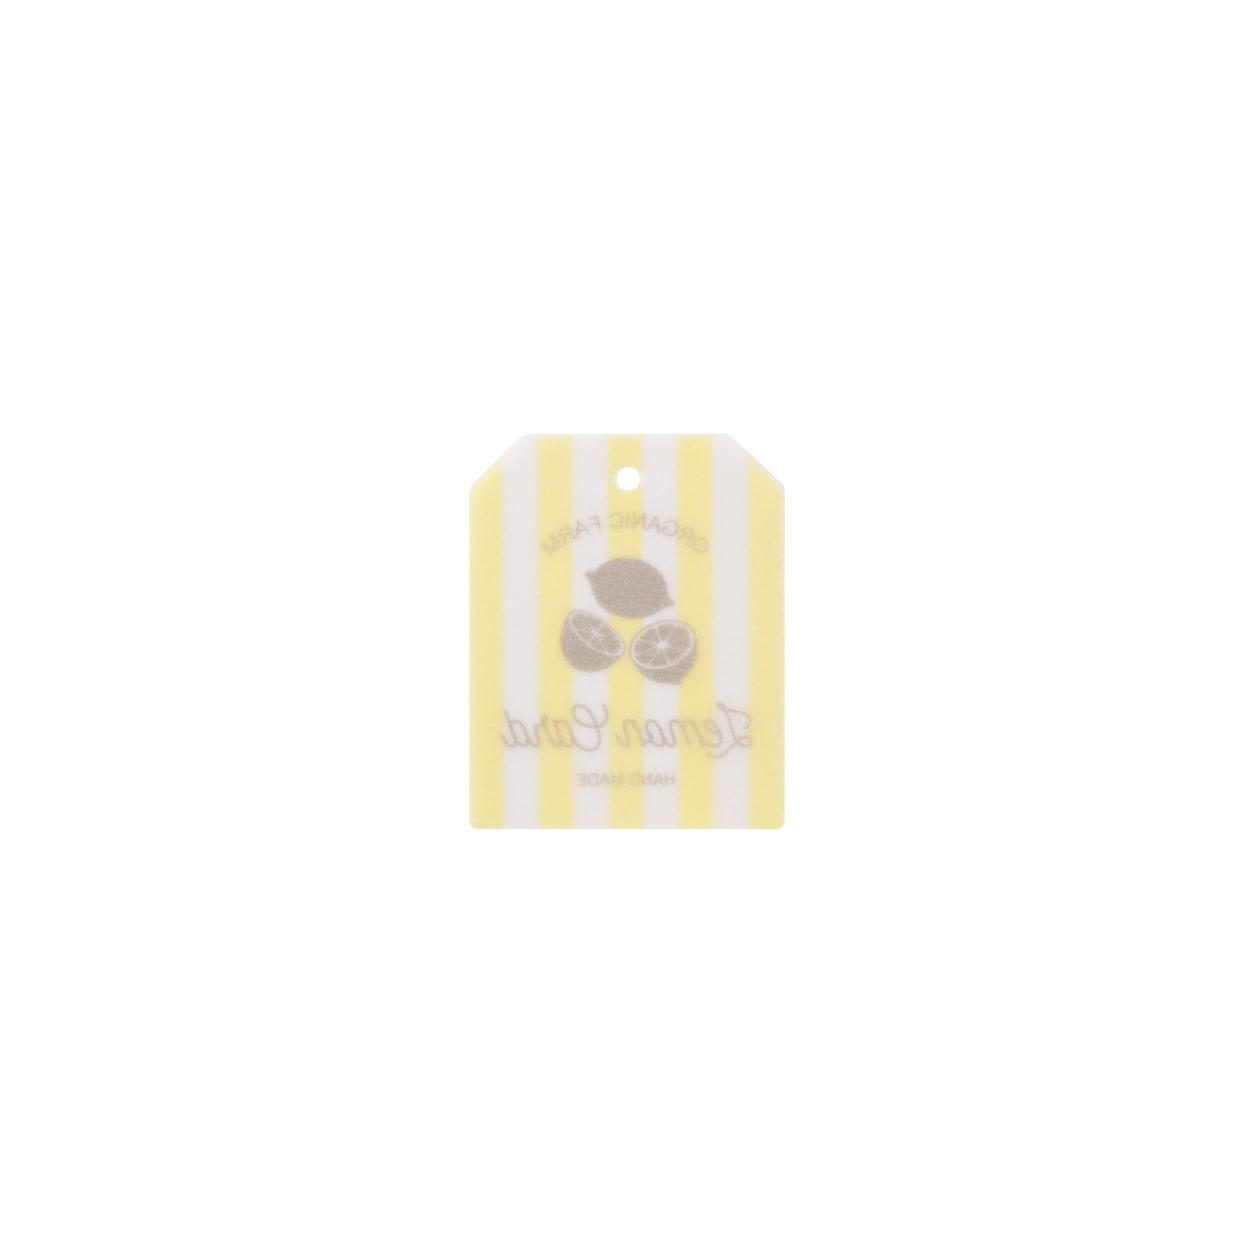 サンプル カード・シート 00079